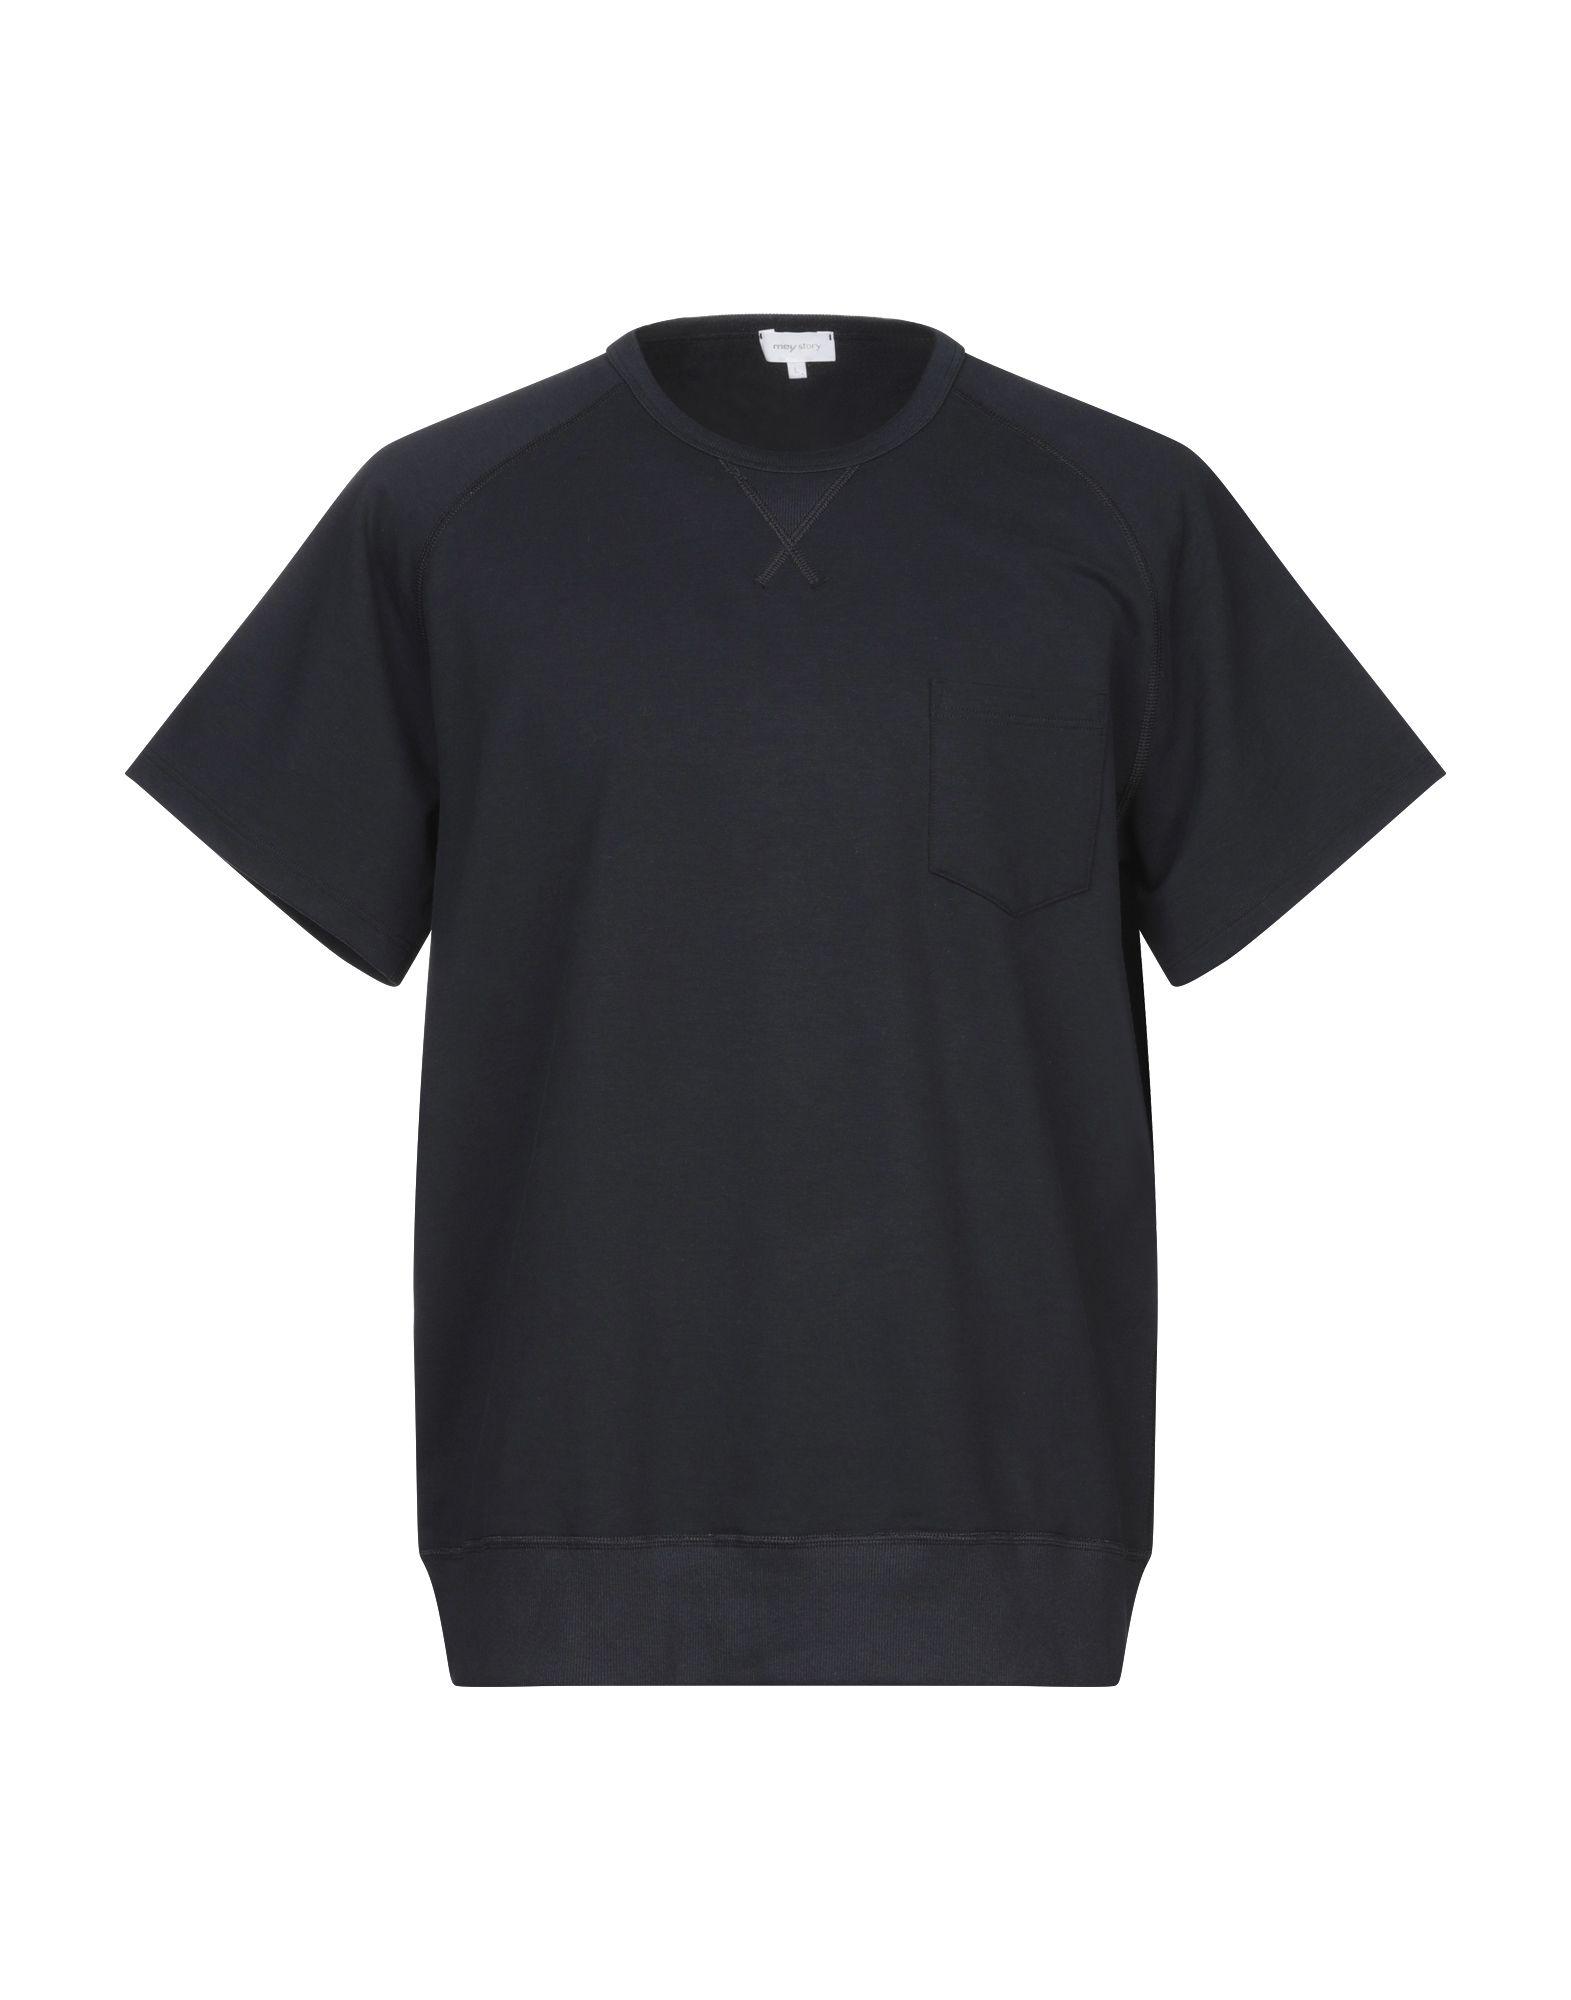 《セール開催中》MEY STORY メンズ スウェットシャツ ダークブルー L コットン 48% / テンセル 48% / ポリウレタン 4%